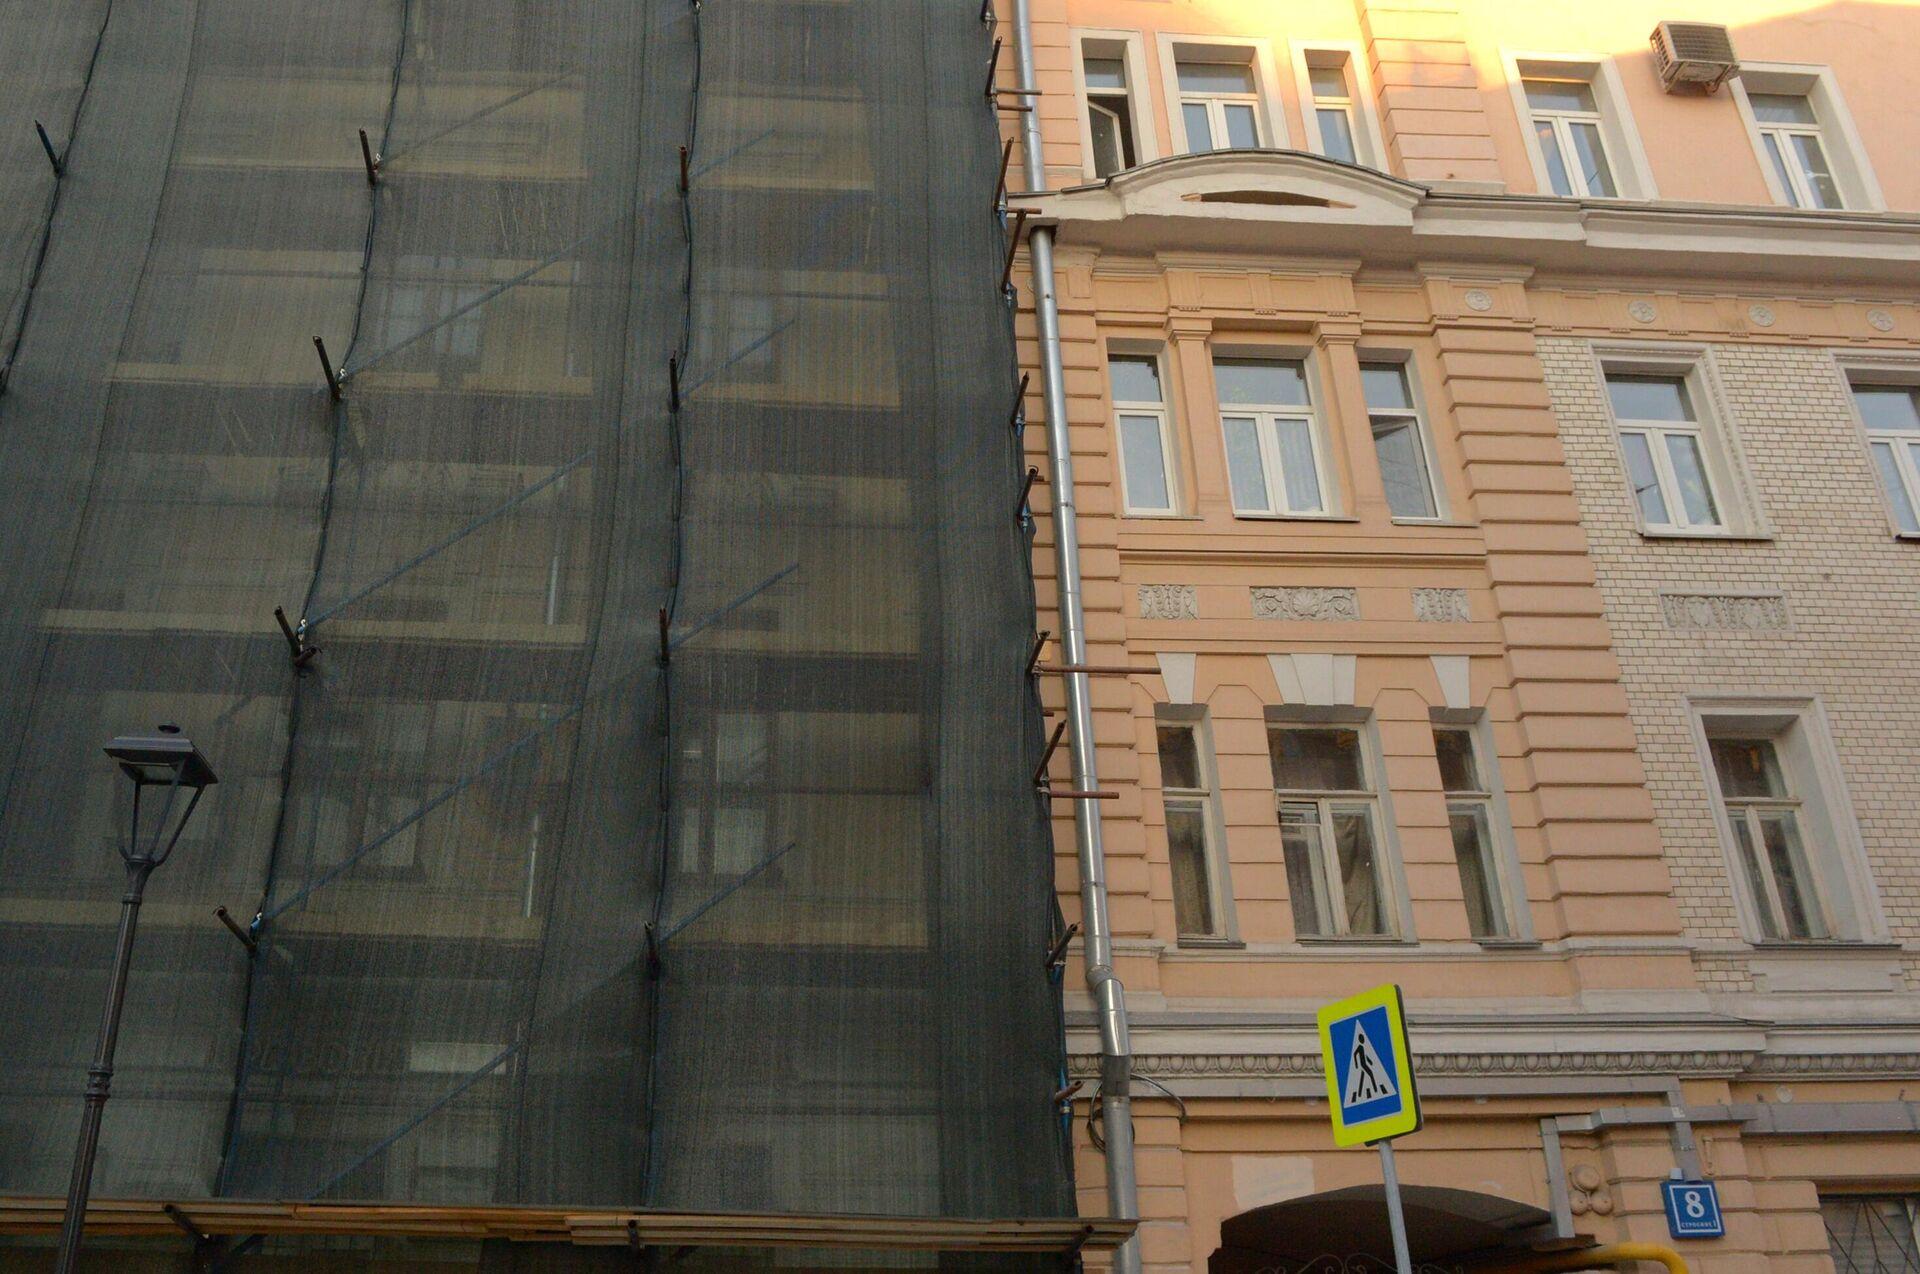 Реставрация дома на улице Чаплыгина, 10 в Москве - РИА Новости, 1920, 23.08.2021